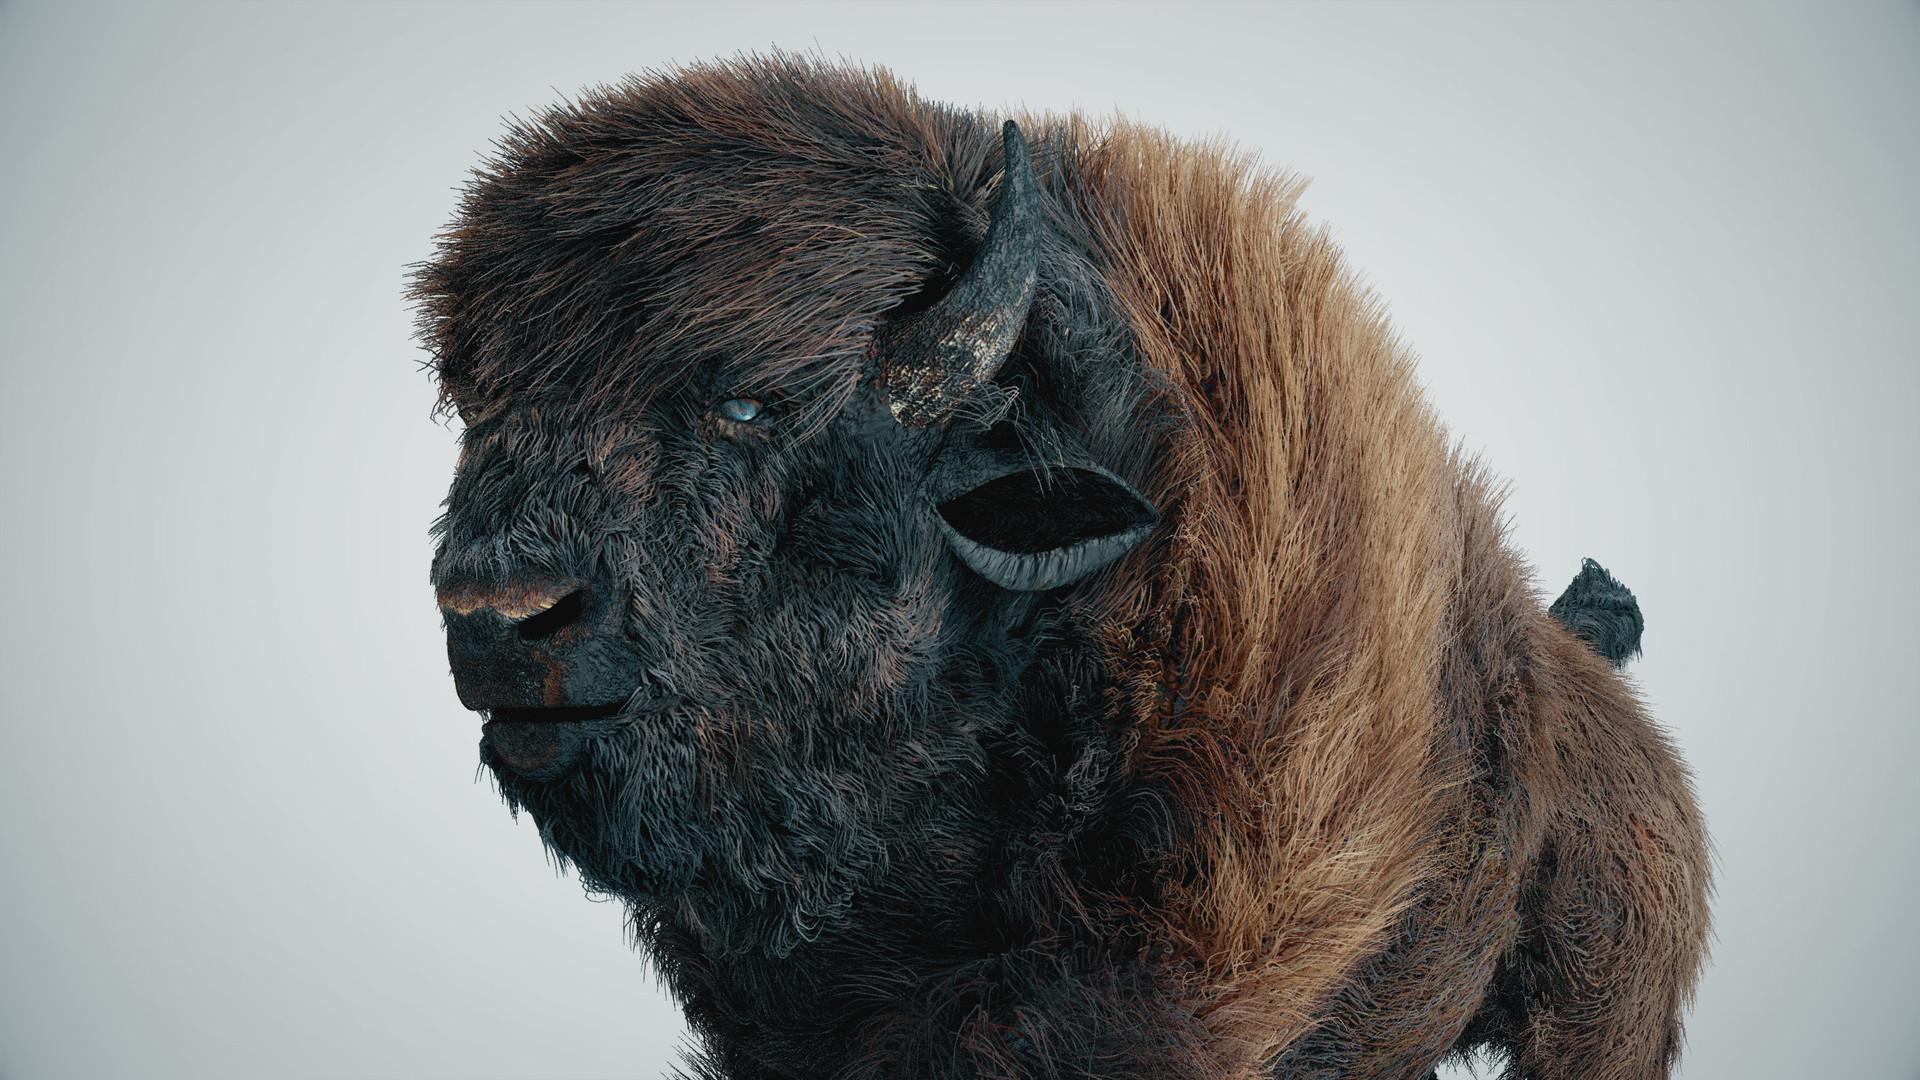 Alan kichl buffalo 01 v03 img 01